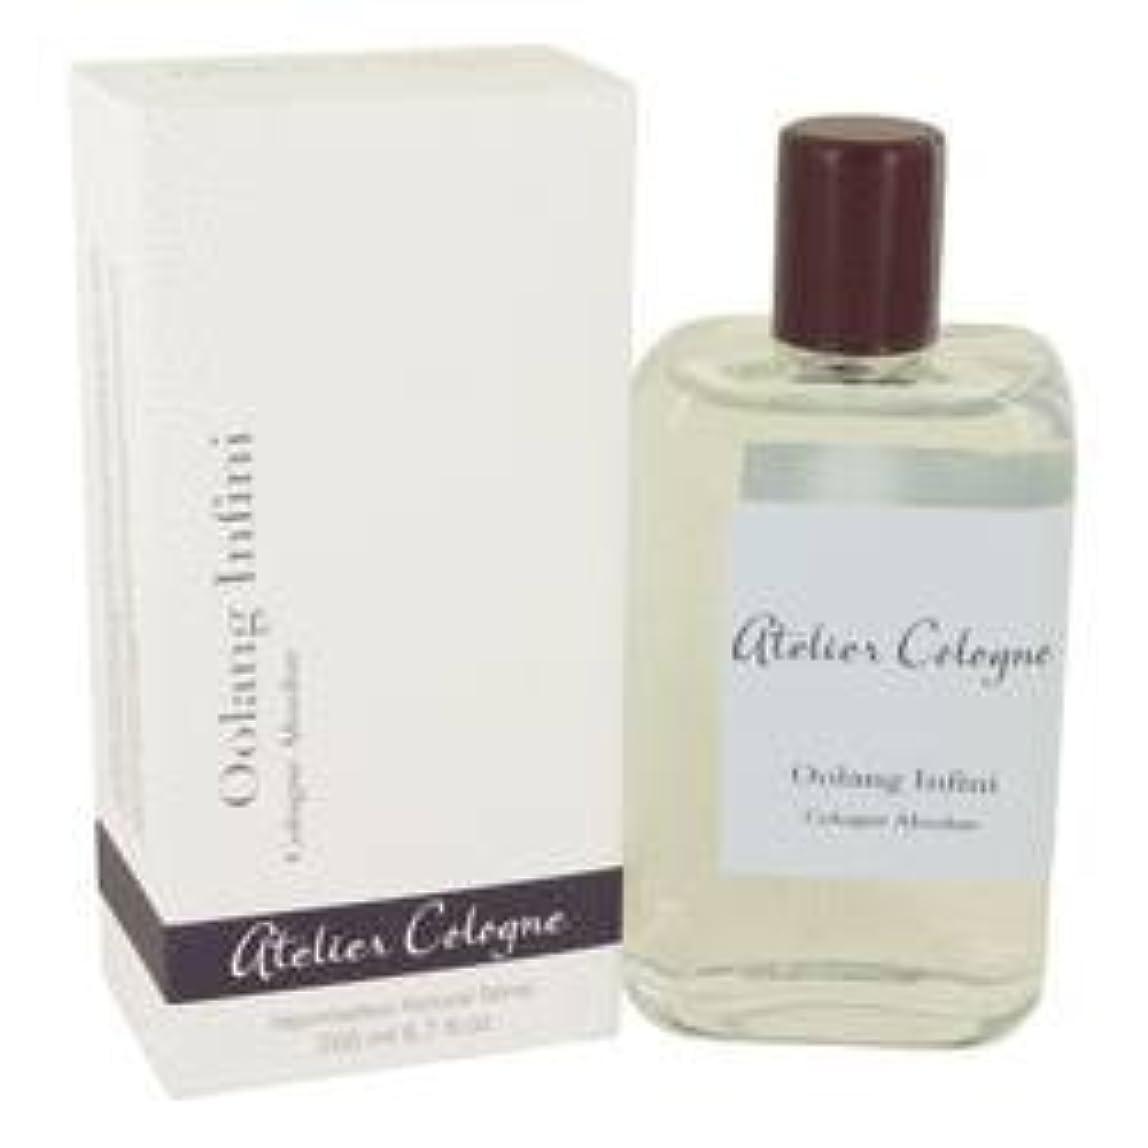 慢なアナリストリスナーOolang Infini Pure Perfume Spray By Atelier Cologne